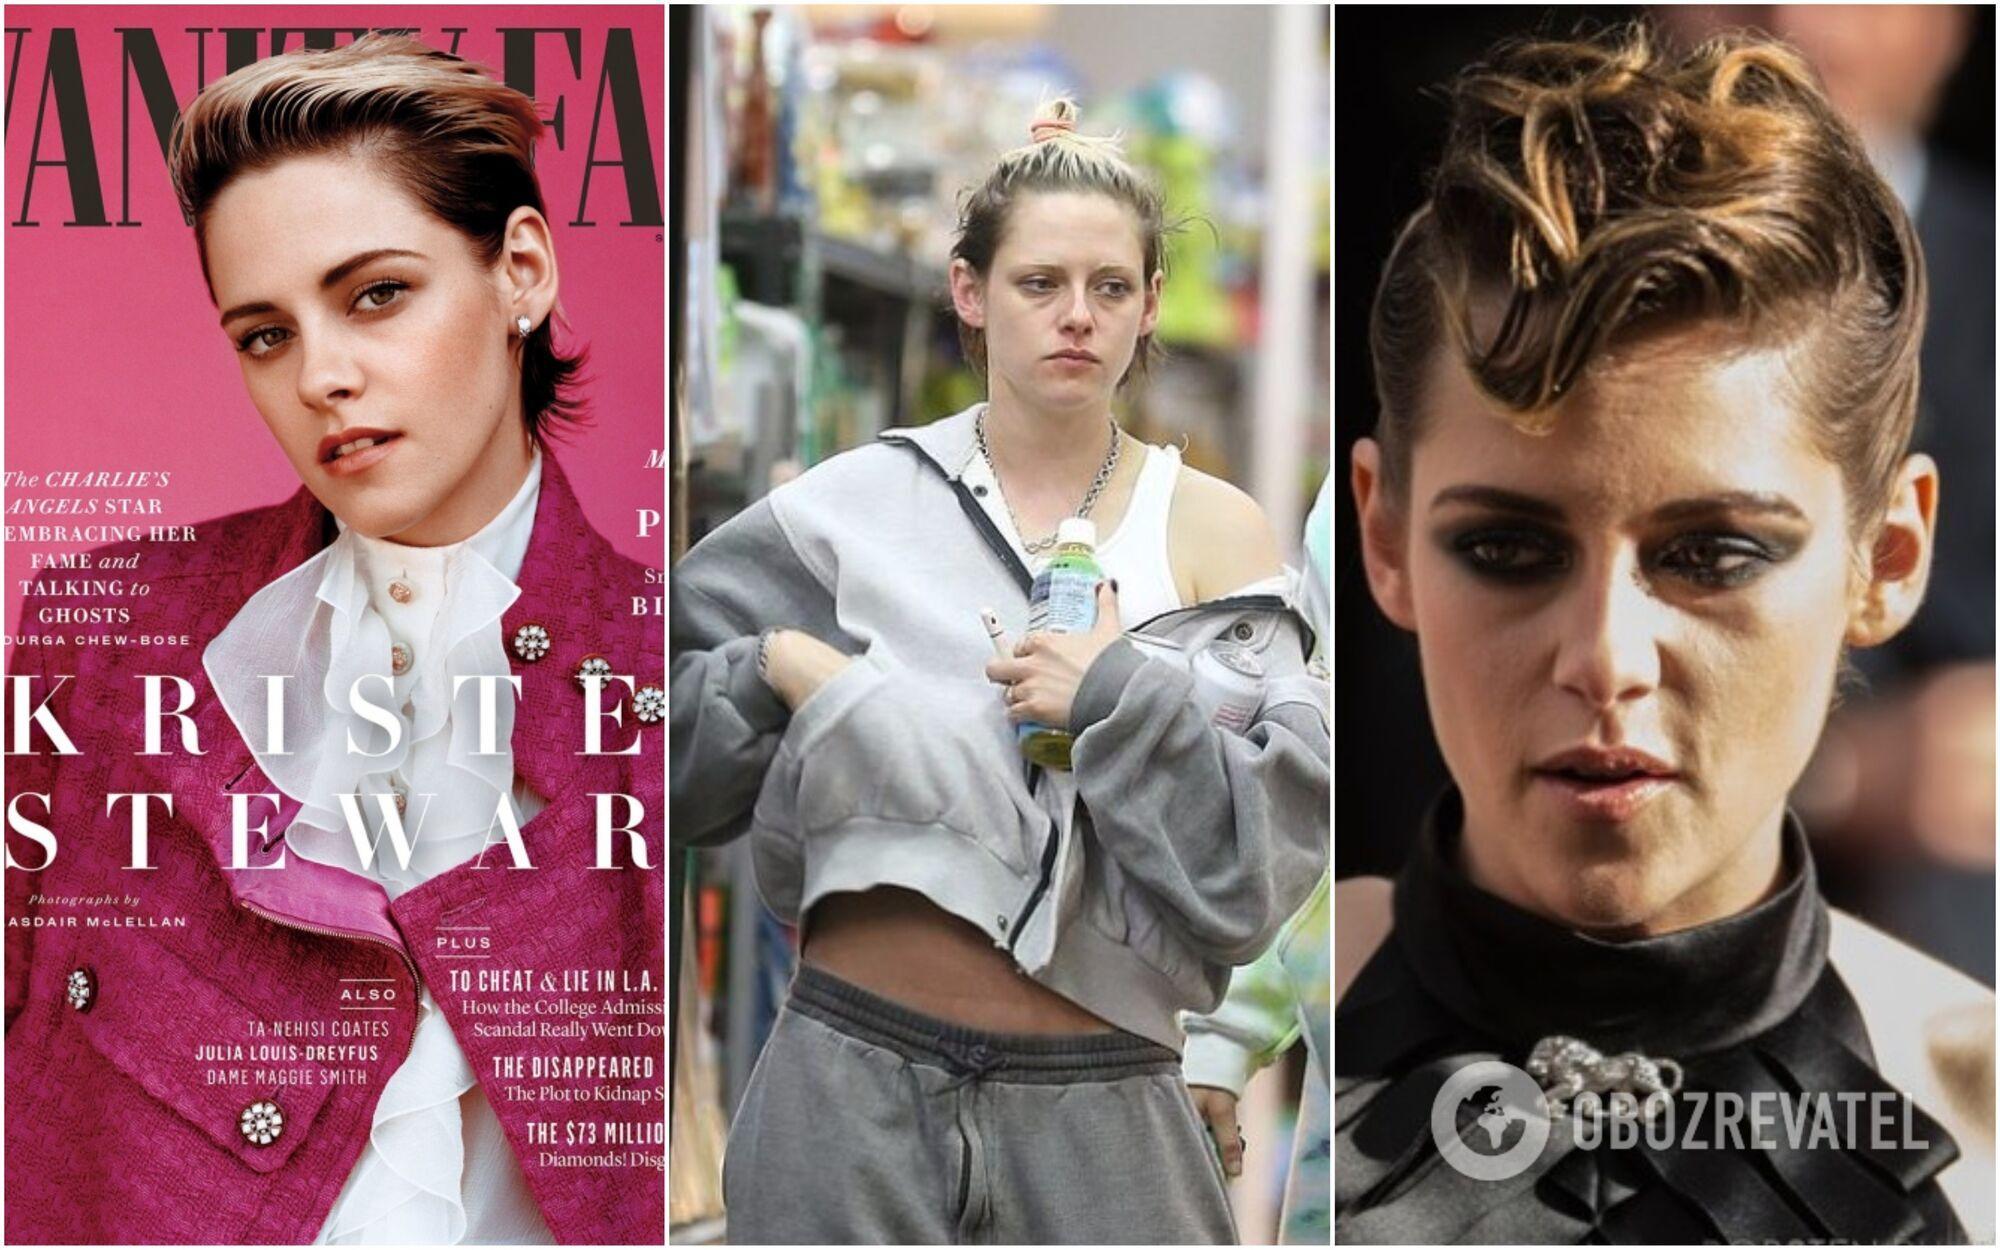 Крістен Стюарт на обкладинці Vanity Fair у 2019 році і її обличчя зблизька без фотошопу